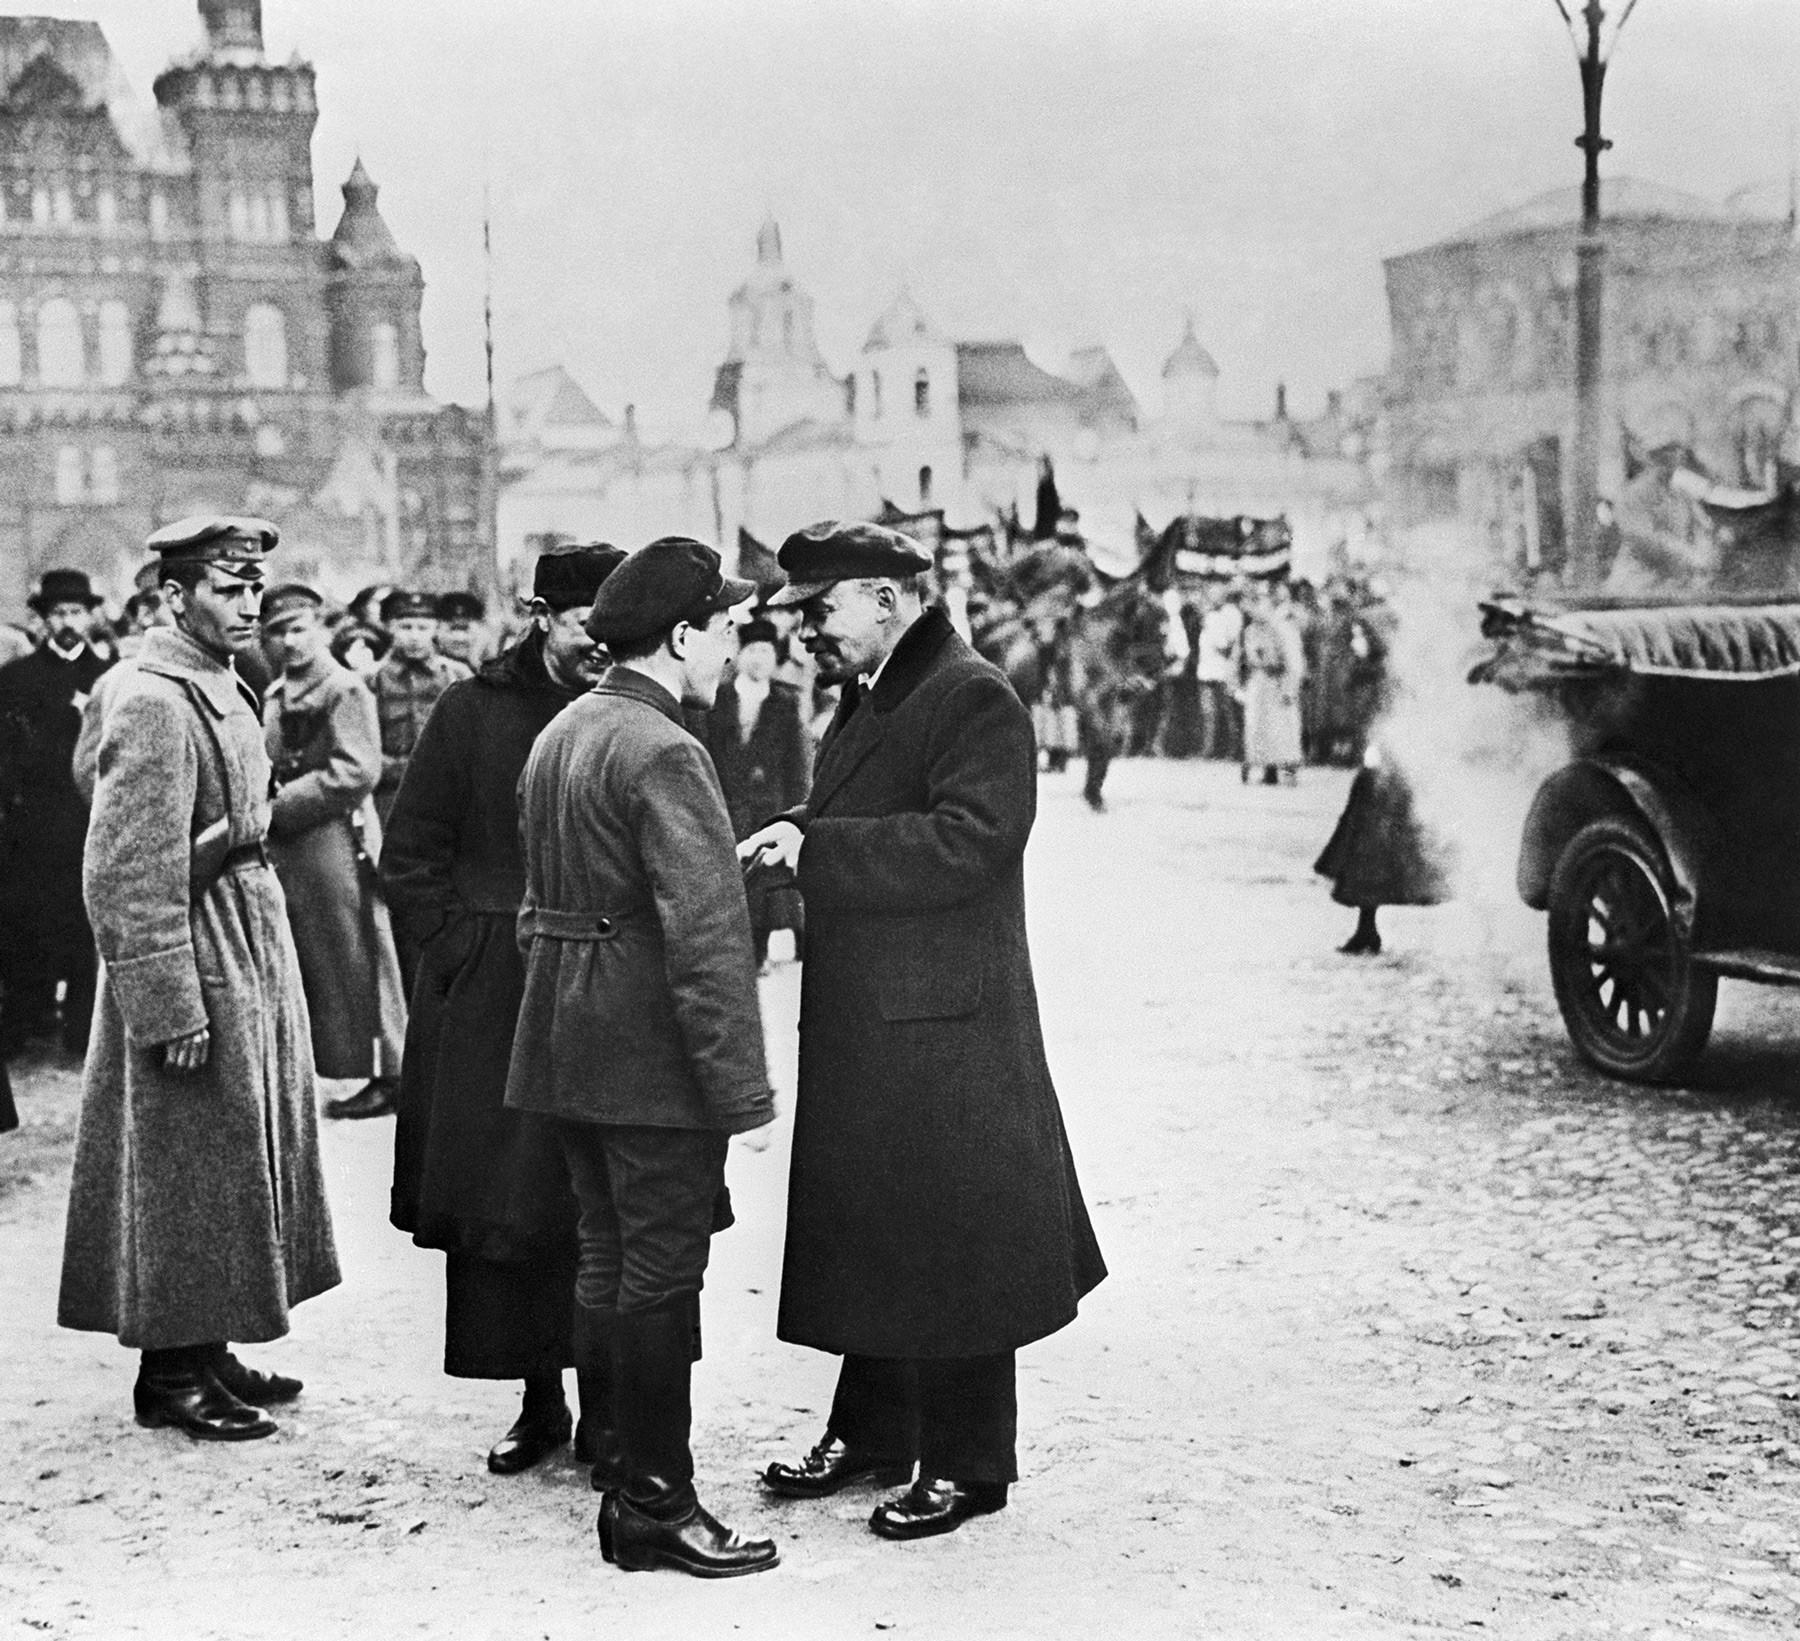 ウラジーミル・レーニン、1919年のメーデー、赤広場、モスクワ